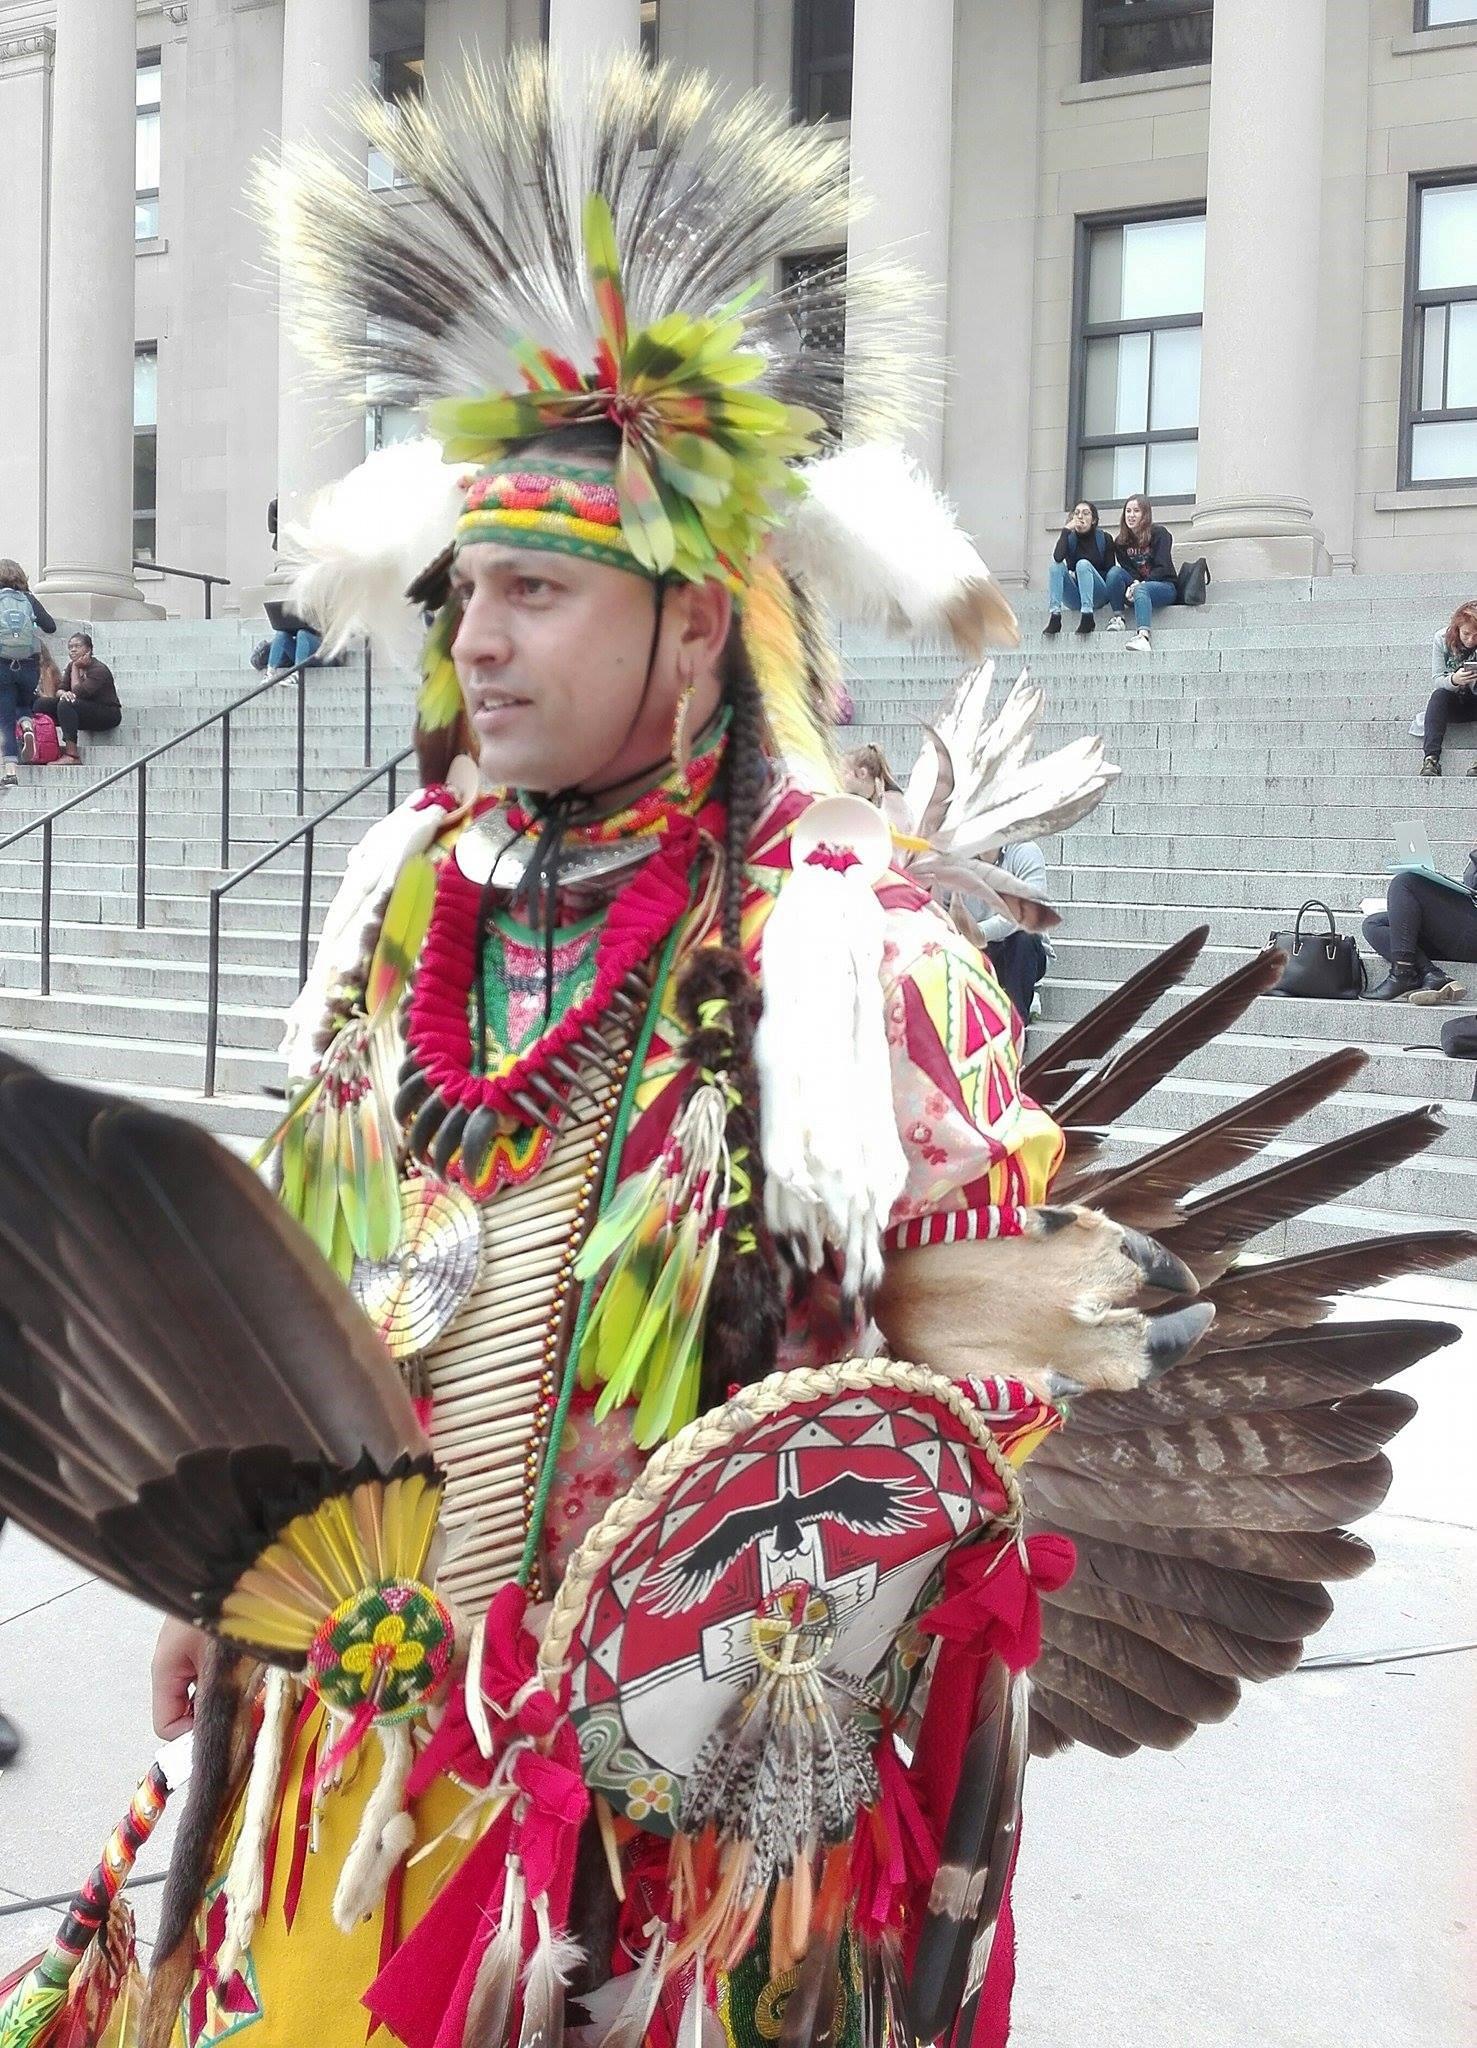 Jason Gullo Mullins, appartenant à la tribu Tsalagi (ou Cherokee) lors d'un événement de l'organisation des étudiants indigènes d'Ottawa. Crédit Shérazade Faÿnel.